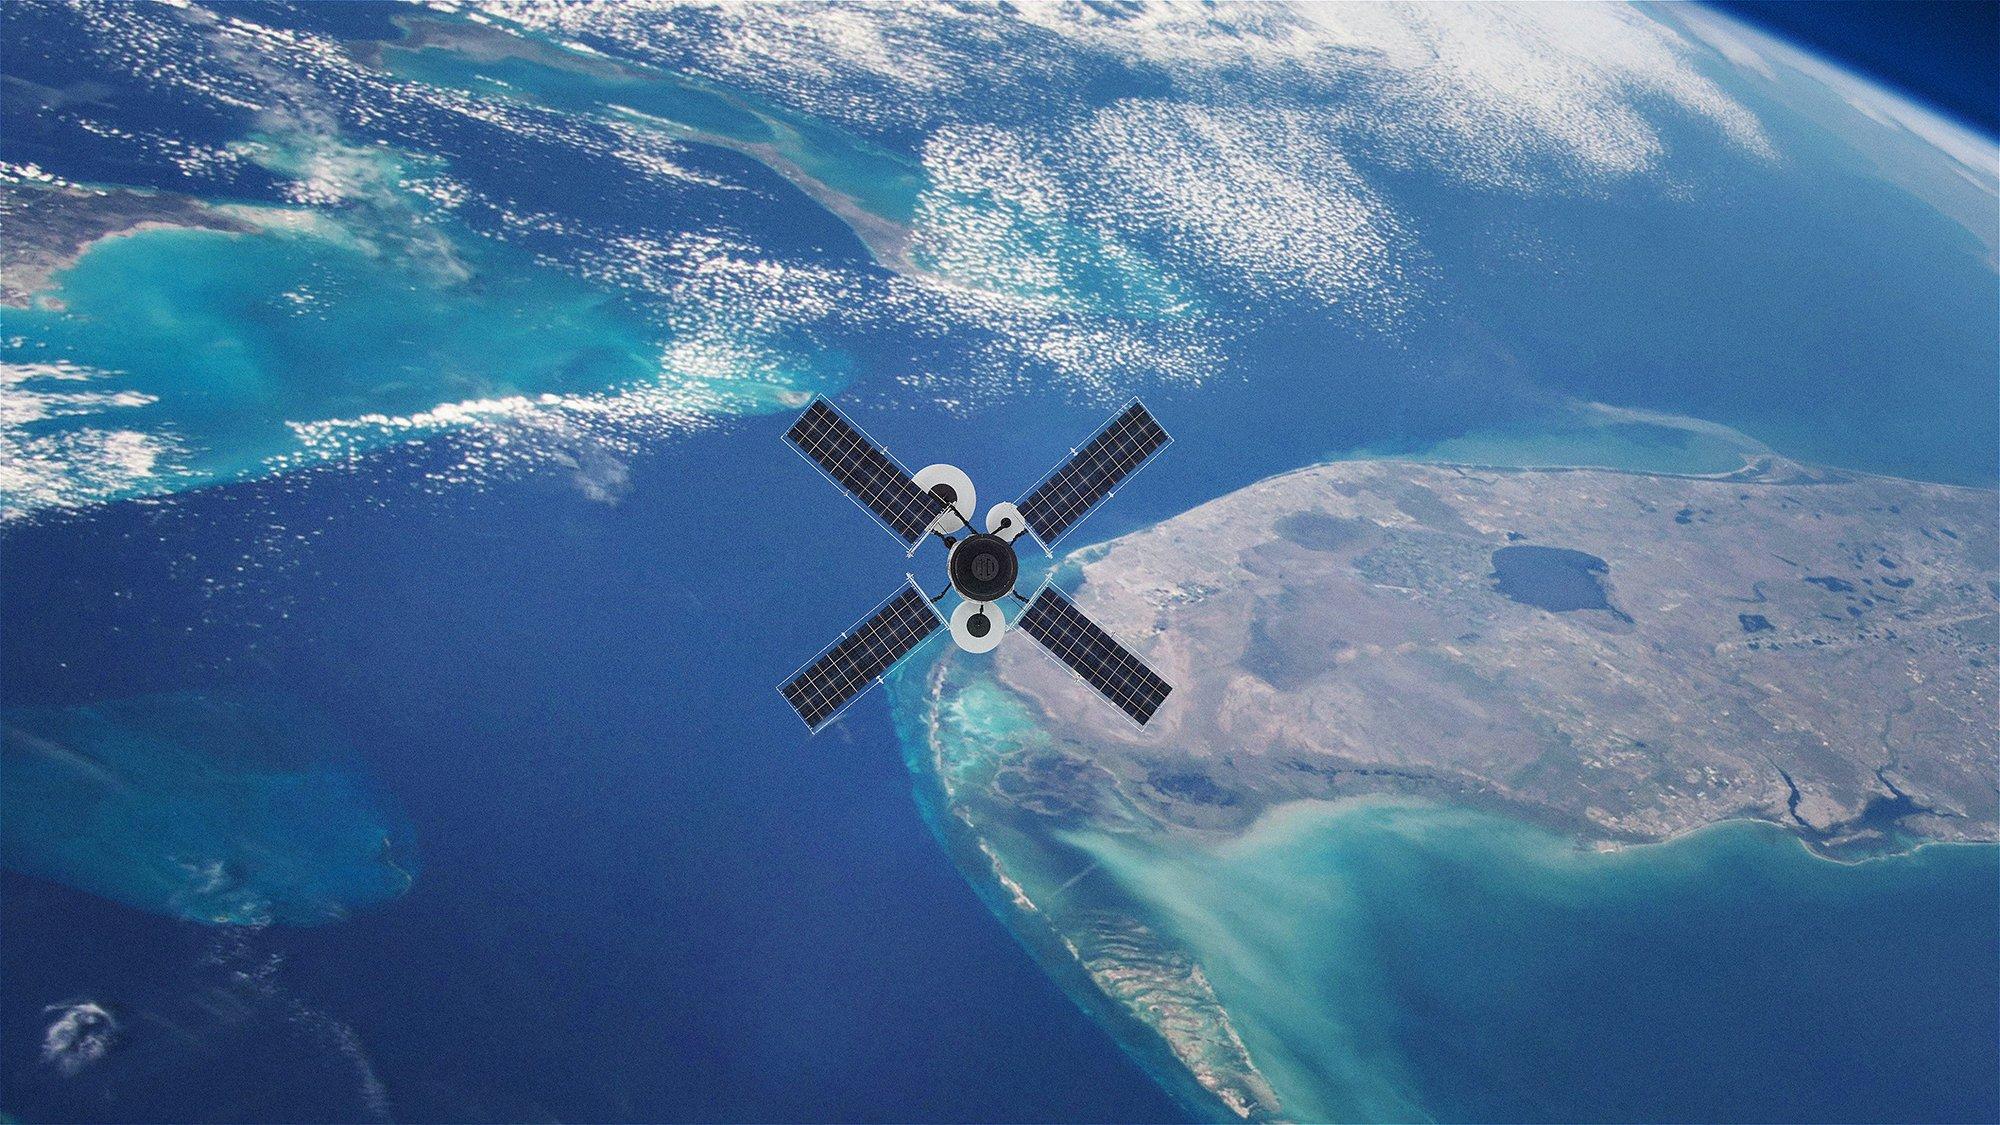 GPS - Ansicht auf einen Satelliten, der die Erde umkreist